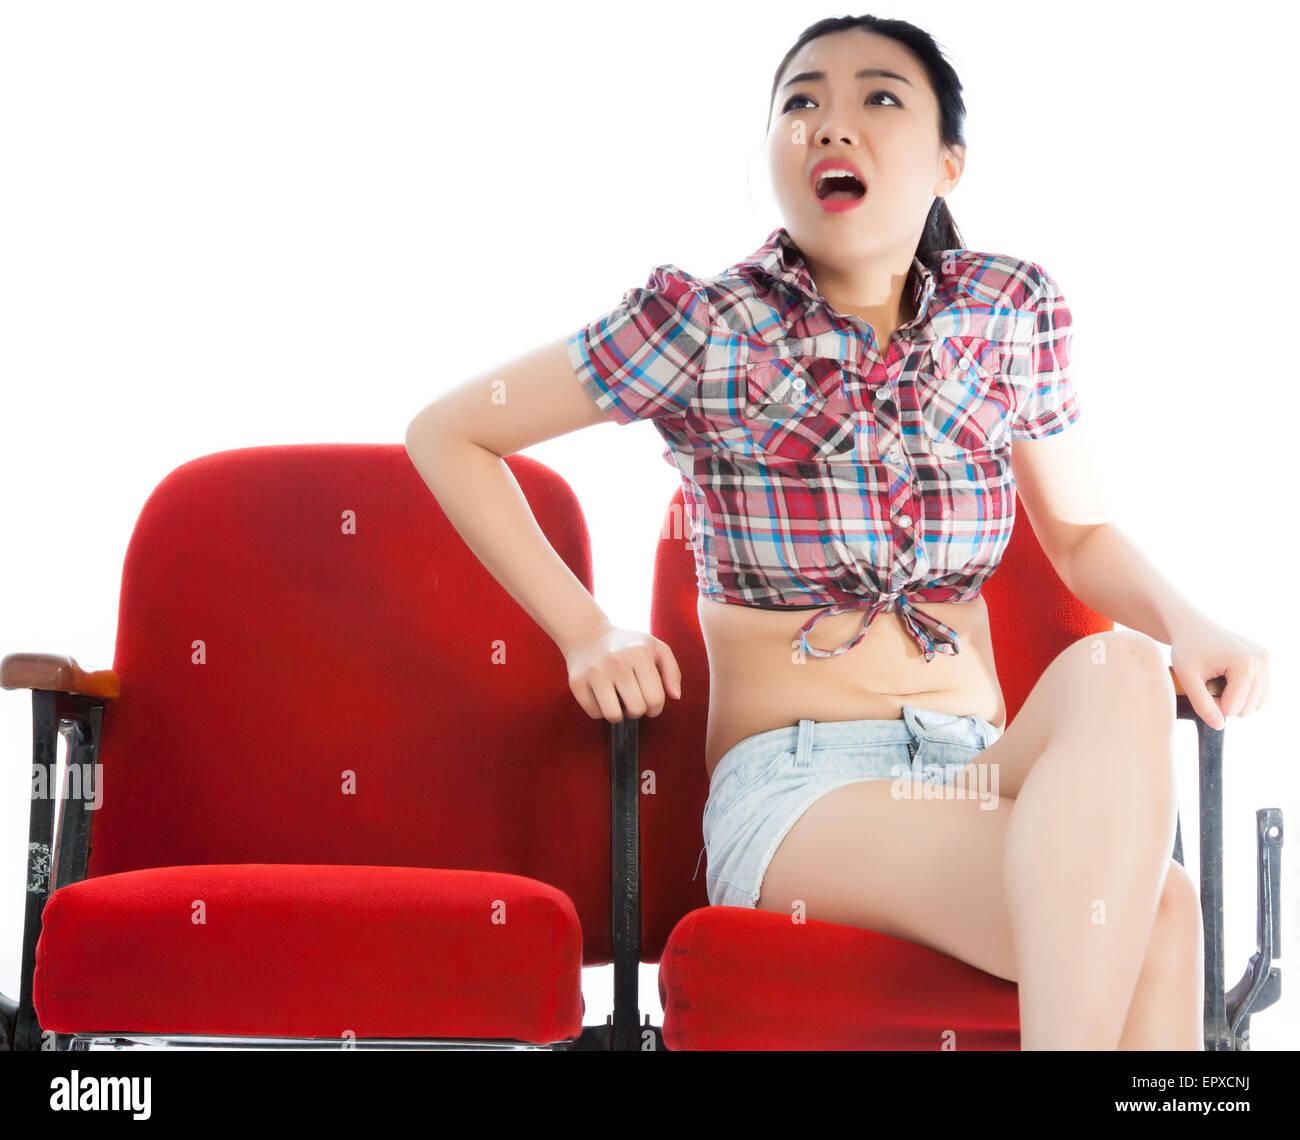 Horny virgin penetration